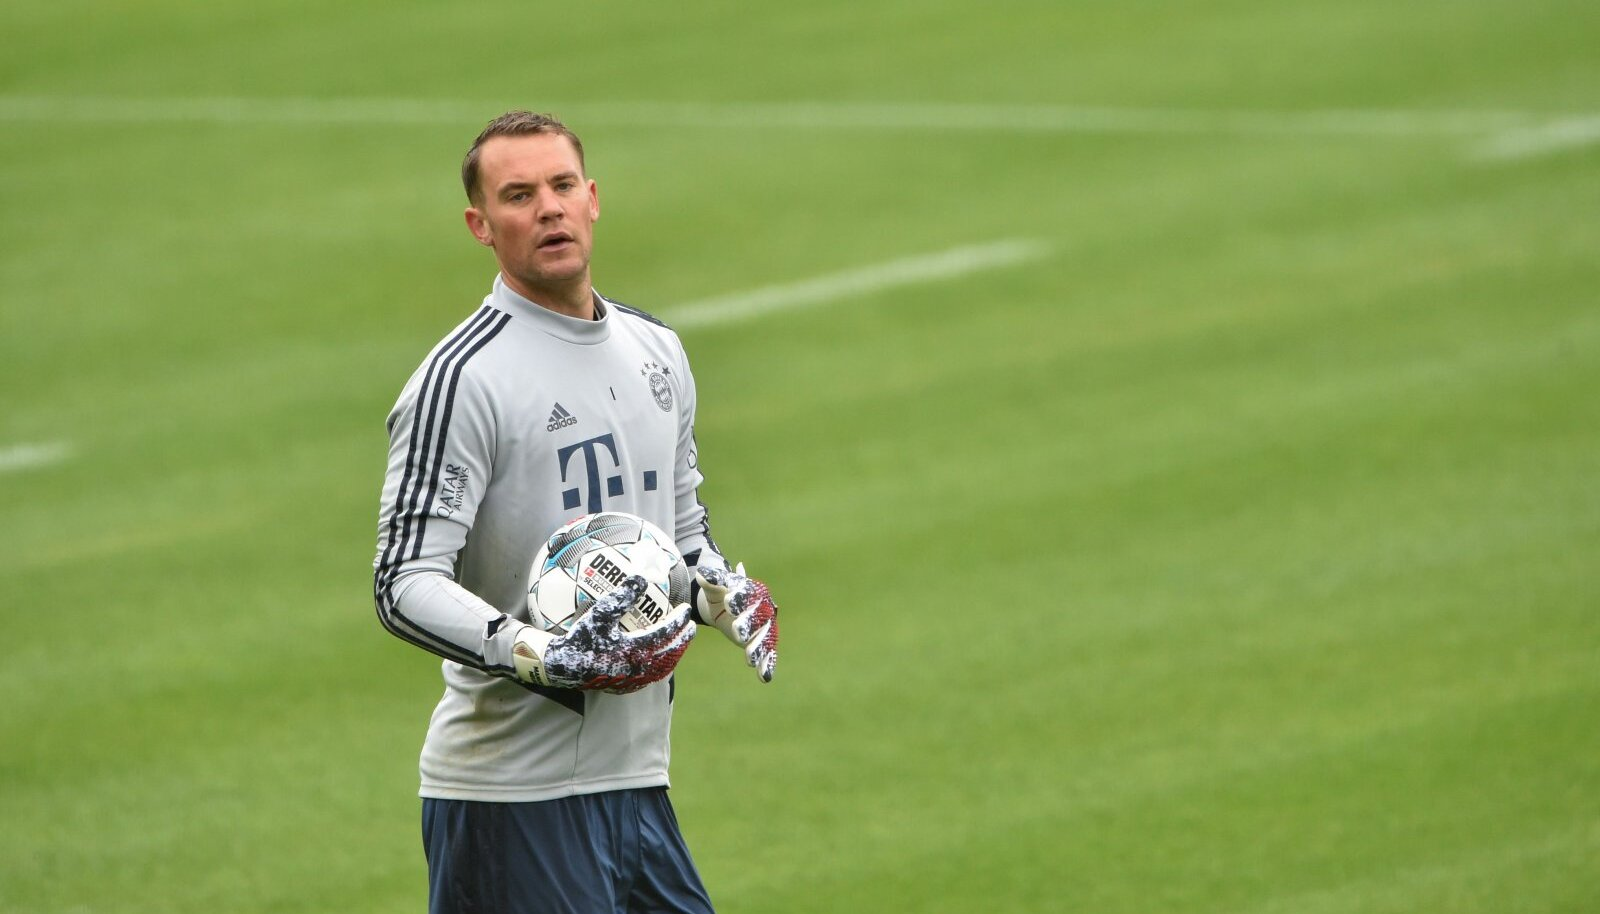 Müncheni Bayerni väravavaht Manuel Neuer teisipäevasel treeningul.